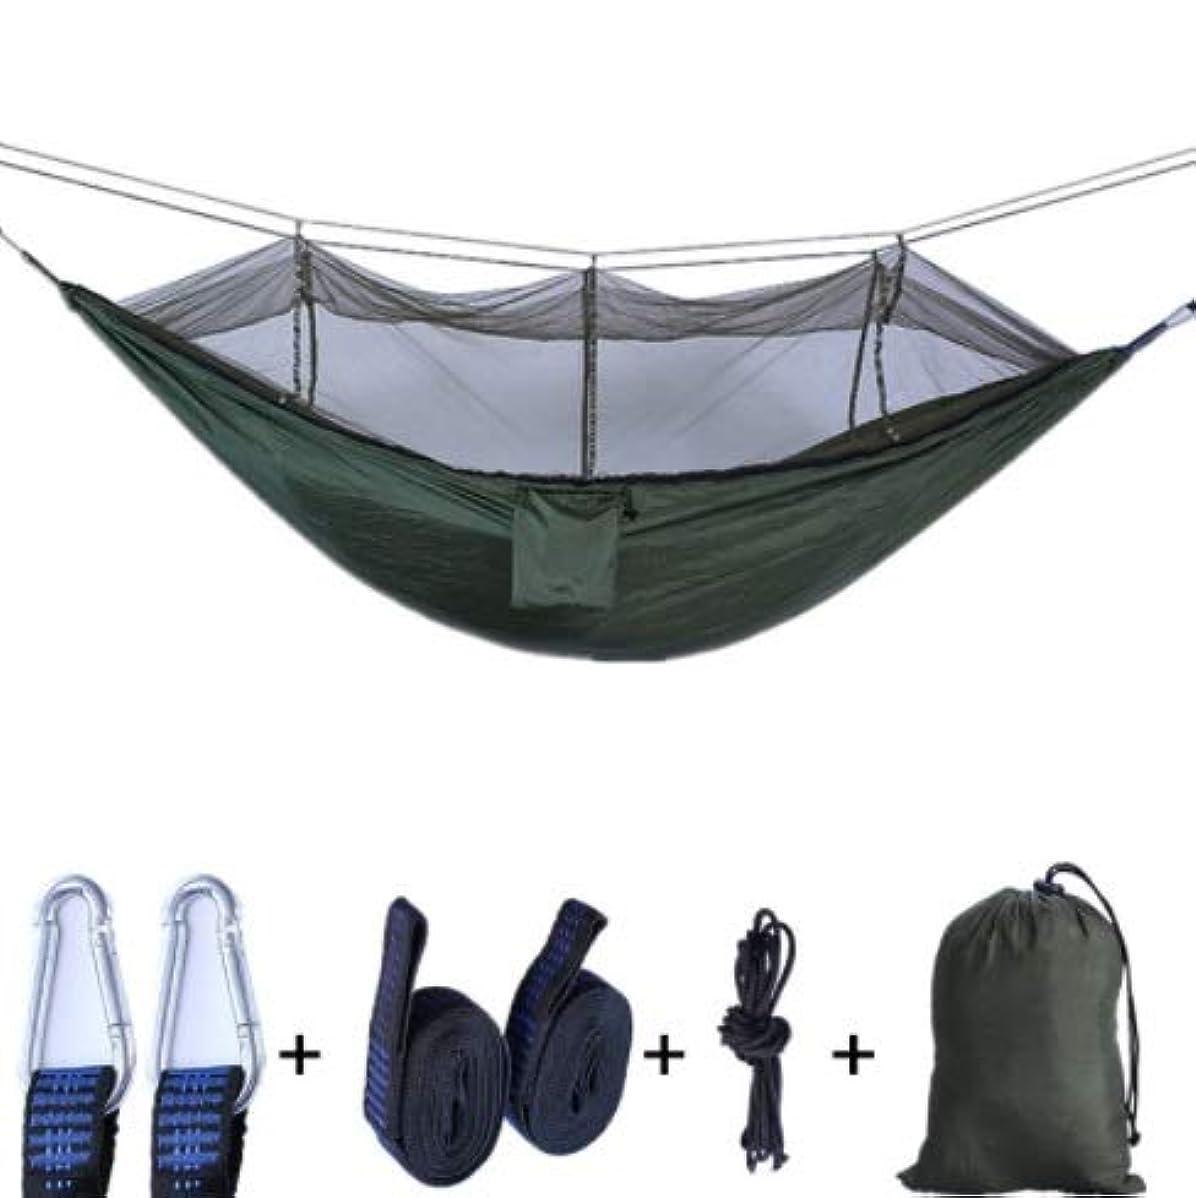 アクティブ楽しいルーフ蚊帳ハンモック屋外スーパーライトパラシュート布ダブルハンモックキャンプ空中テントアーミーグリーン